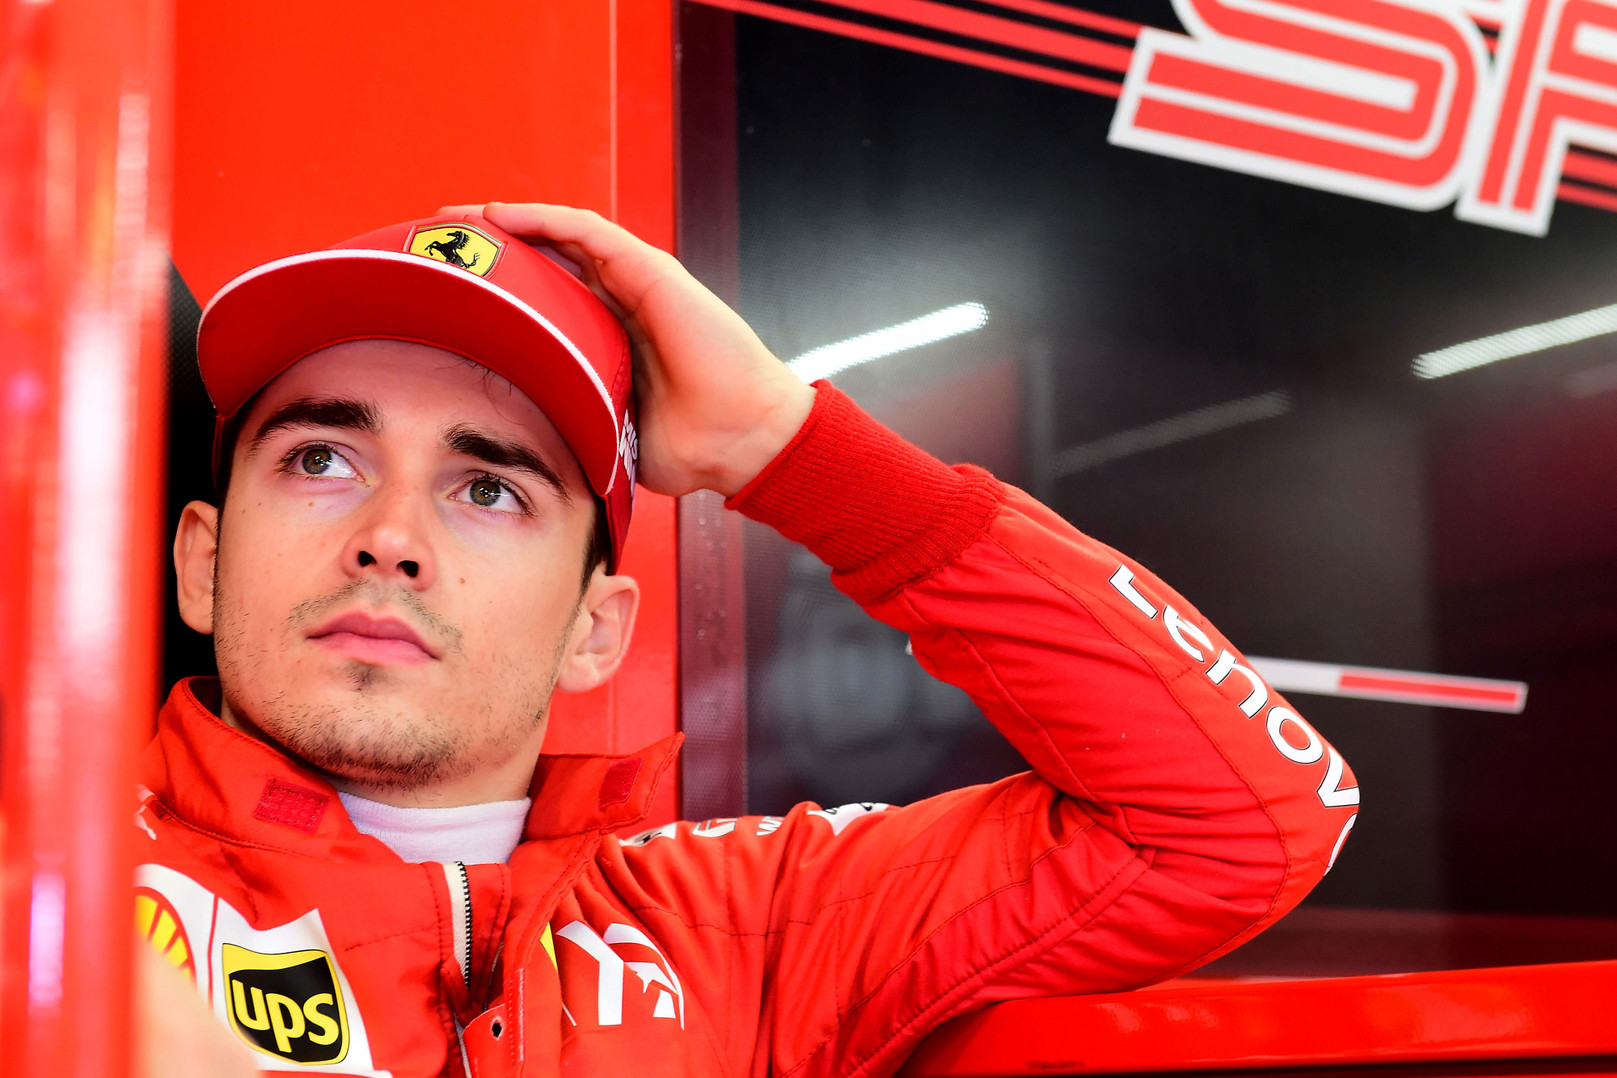 Ch. Leclercas: buvo smagu, bet galiausiai viskas baigėsi nelaime